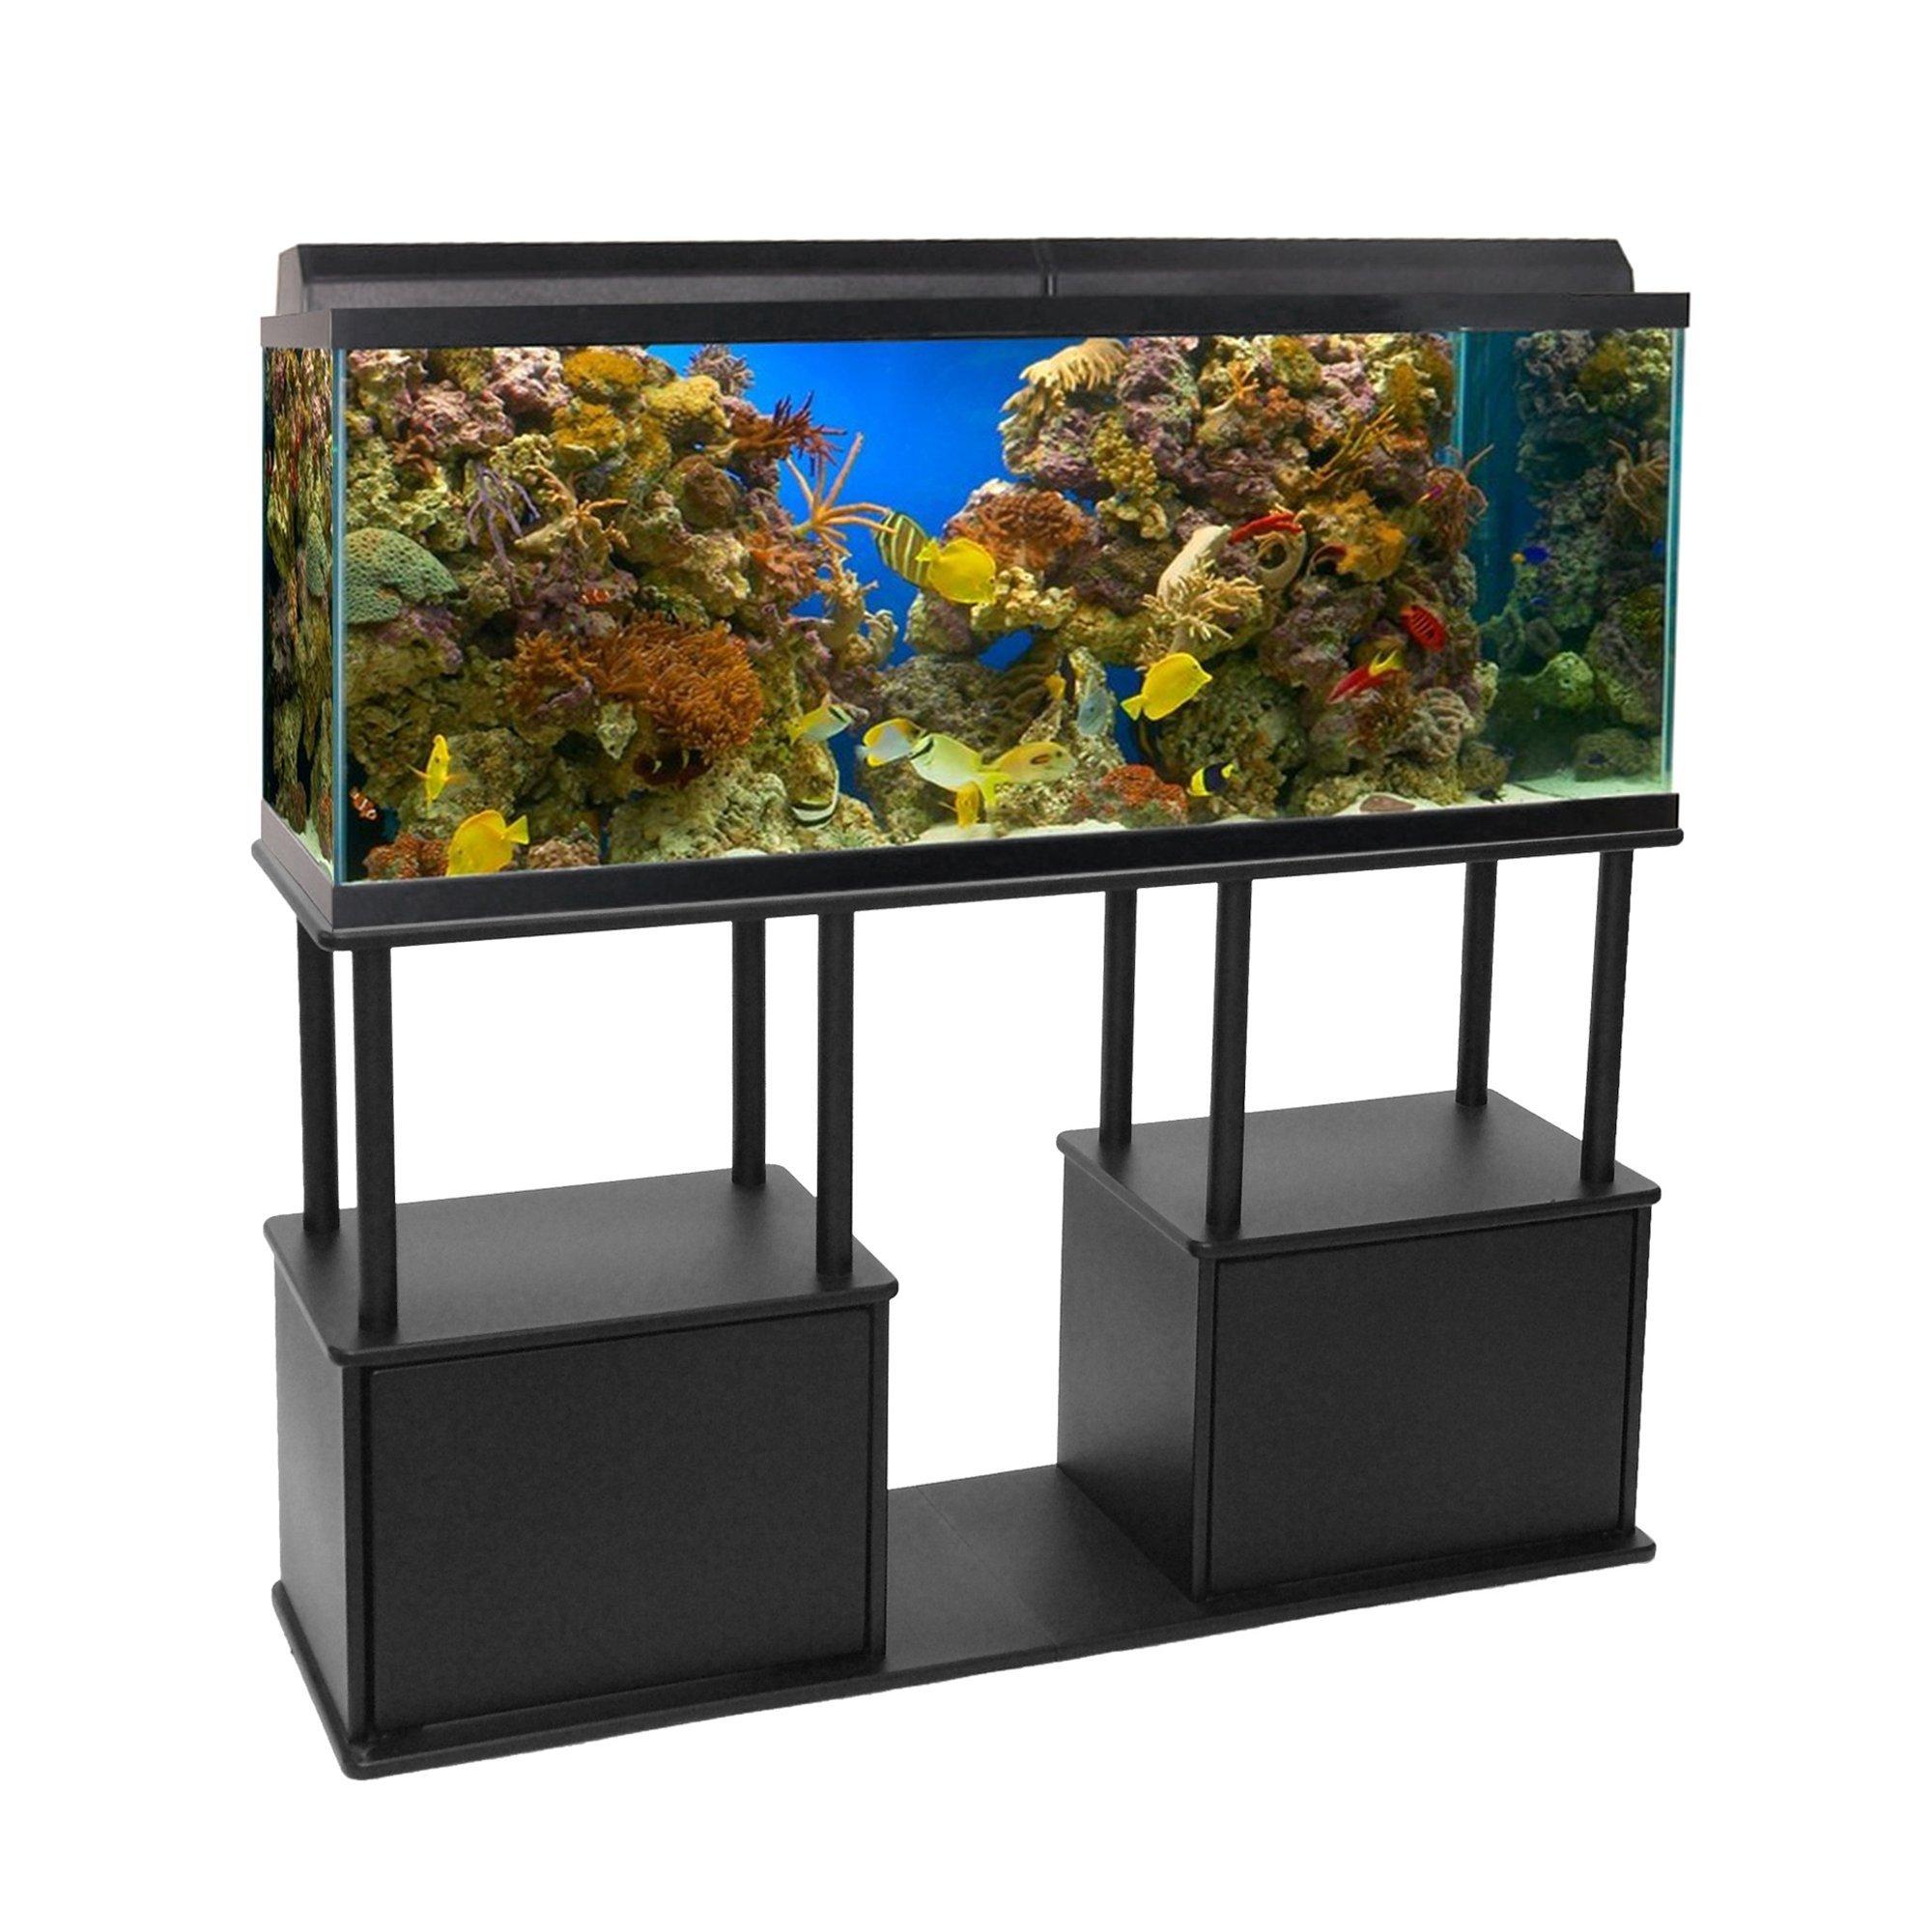 Aquatic Fundamentals Black Aquarium Stand with Shelf - for 55 Gallon Tanks, 14.5 IN by Aquatic Fundamentals